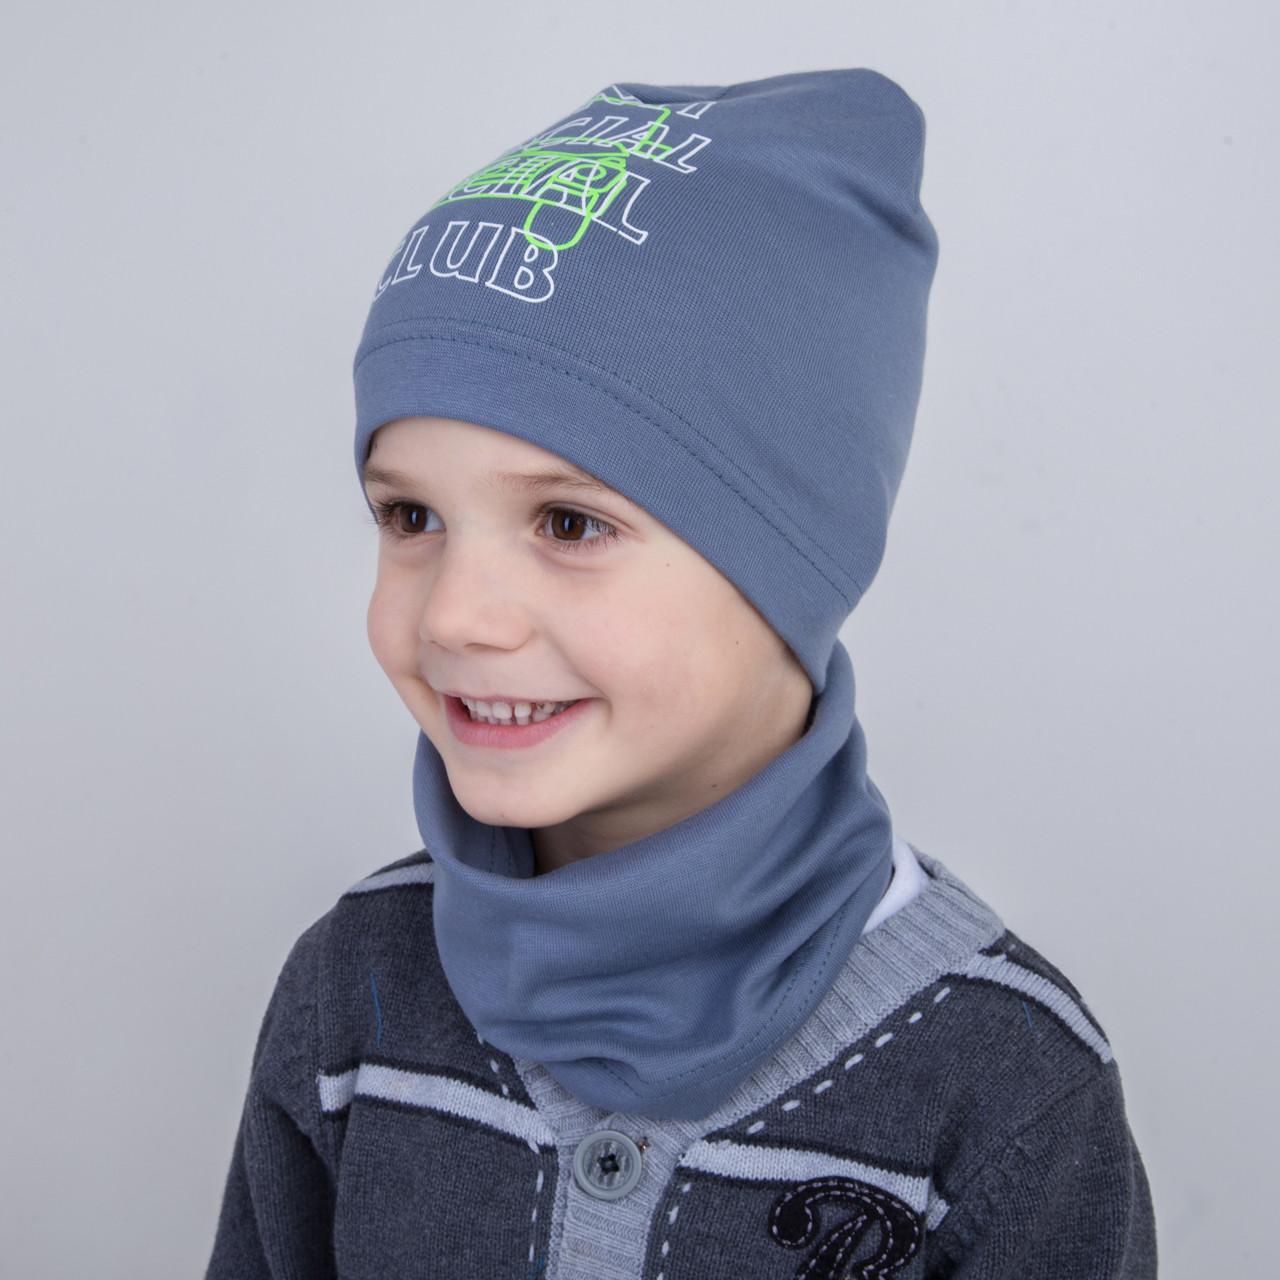 Хлопковый комплект для мальчика на весну - Club - Артикул 2242